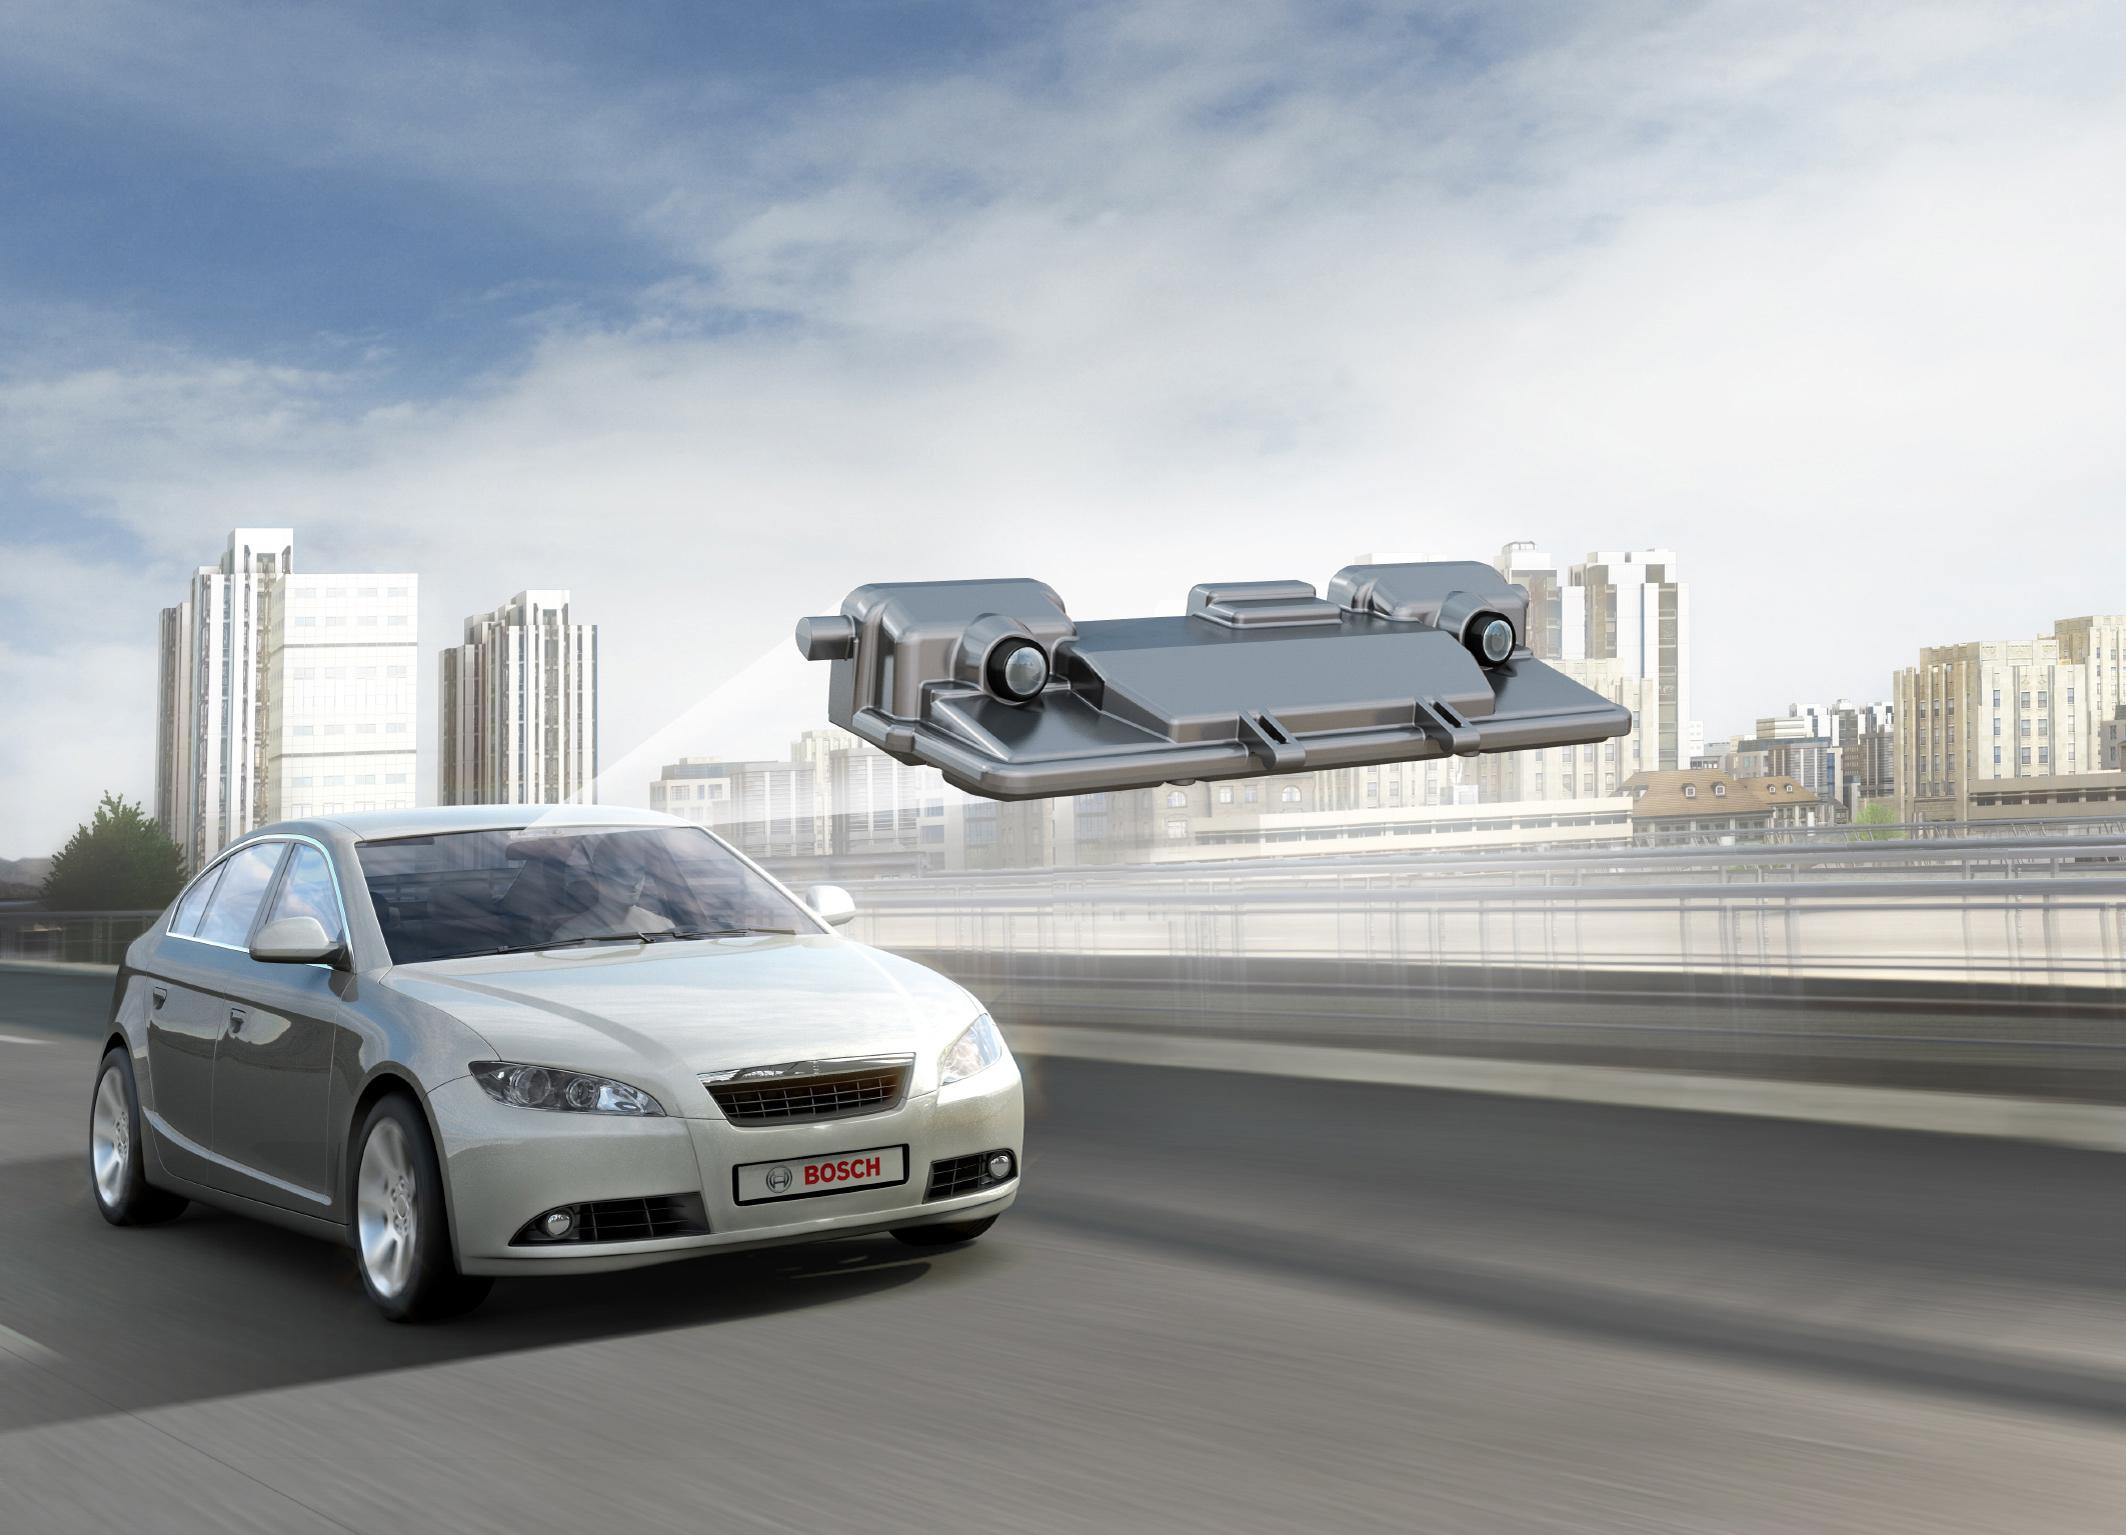 Stereo-Videosensor von Bosch für die Fahrerassistenz